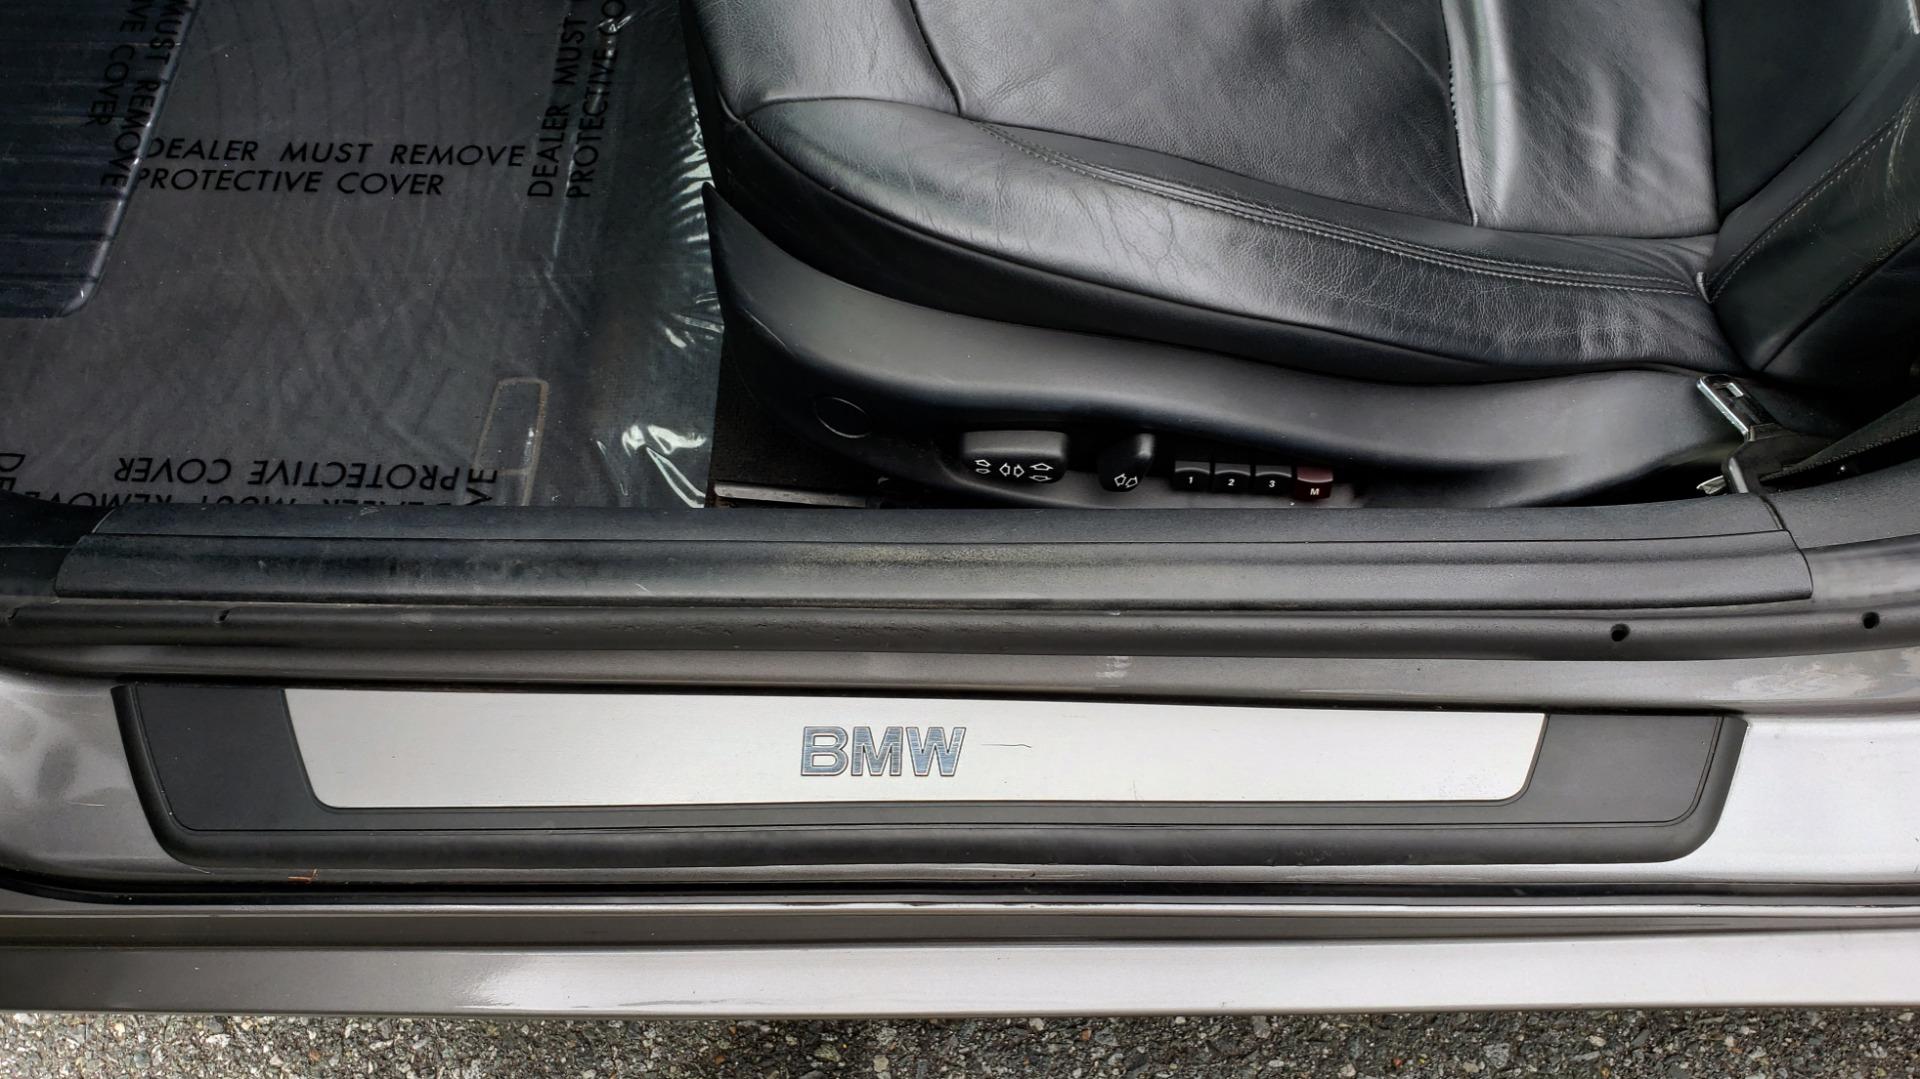 Used 2003 BMW Z4 3.0i ROADSTER / 6-SPD MAN / PREMIUM PKG / SPORT PKG / HTD STS for sale Sold at Formula Imports in Charlotte NC 28227 40